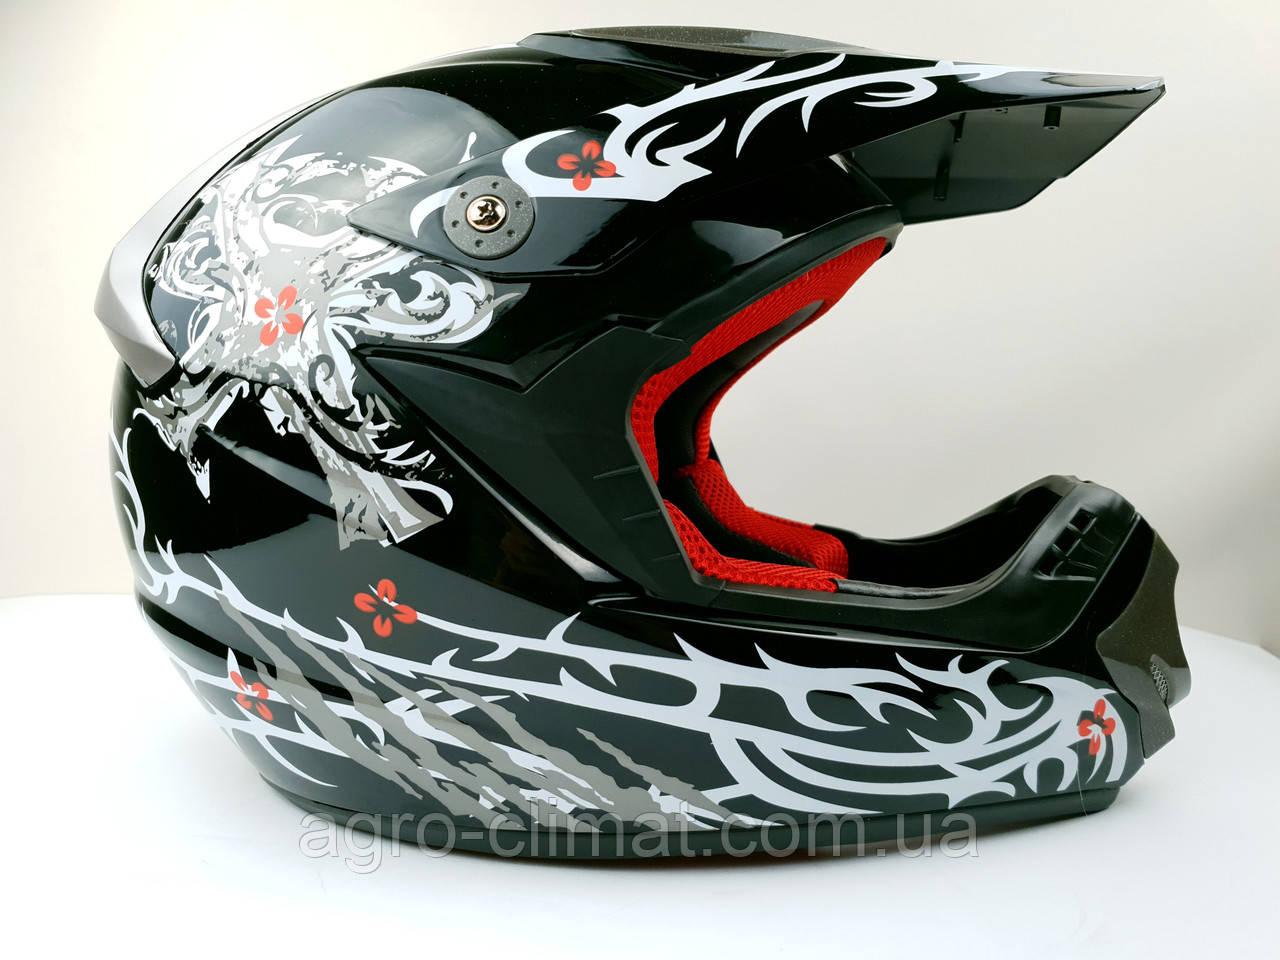 Шлем для мотоцикла Hel-Met 117 черный кроссовый